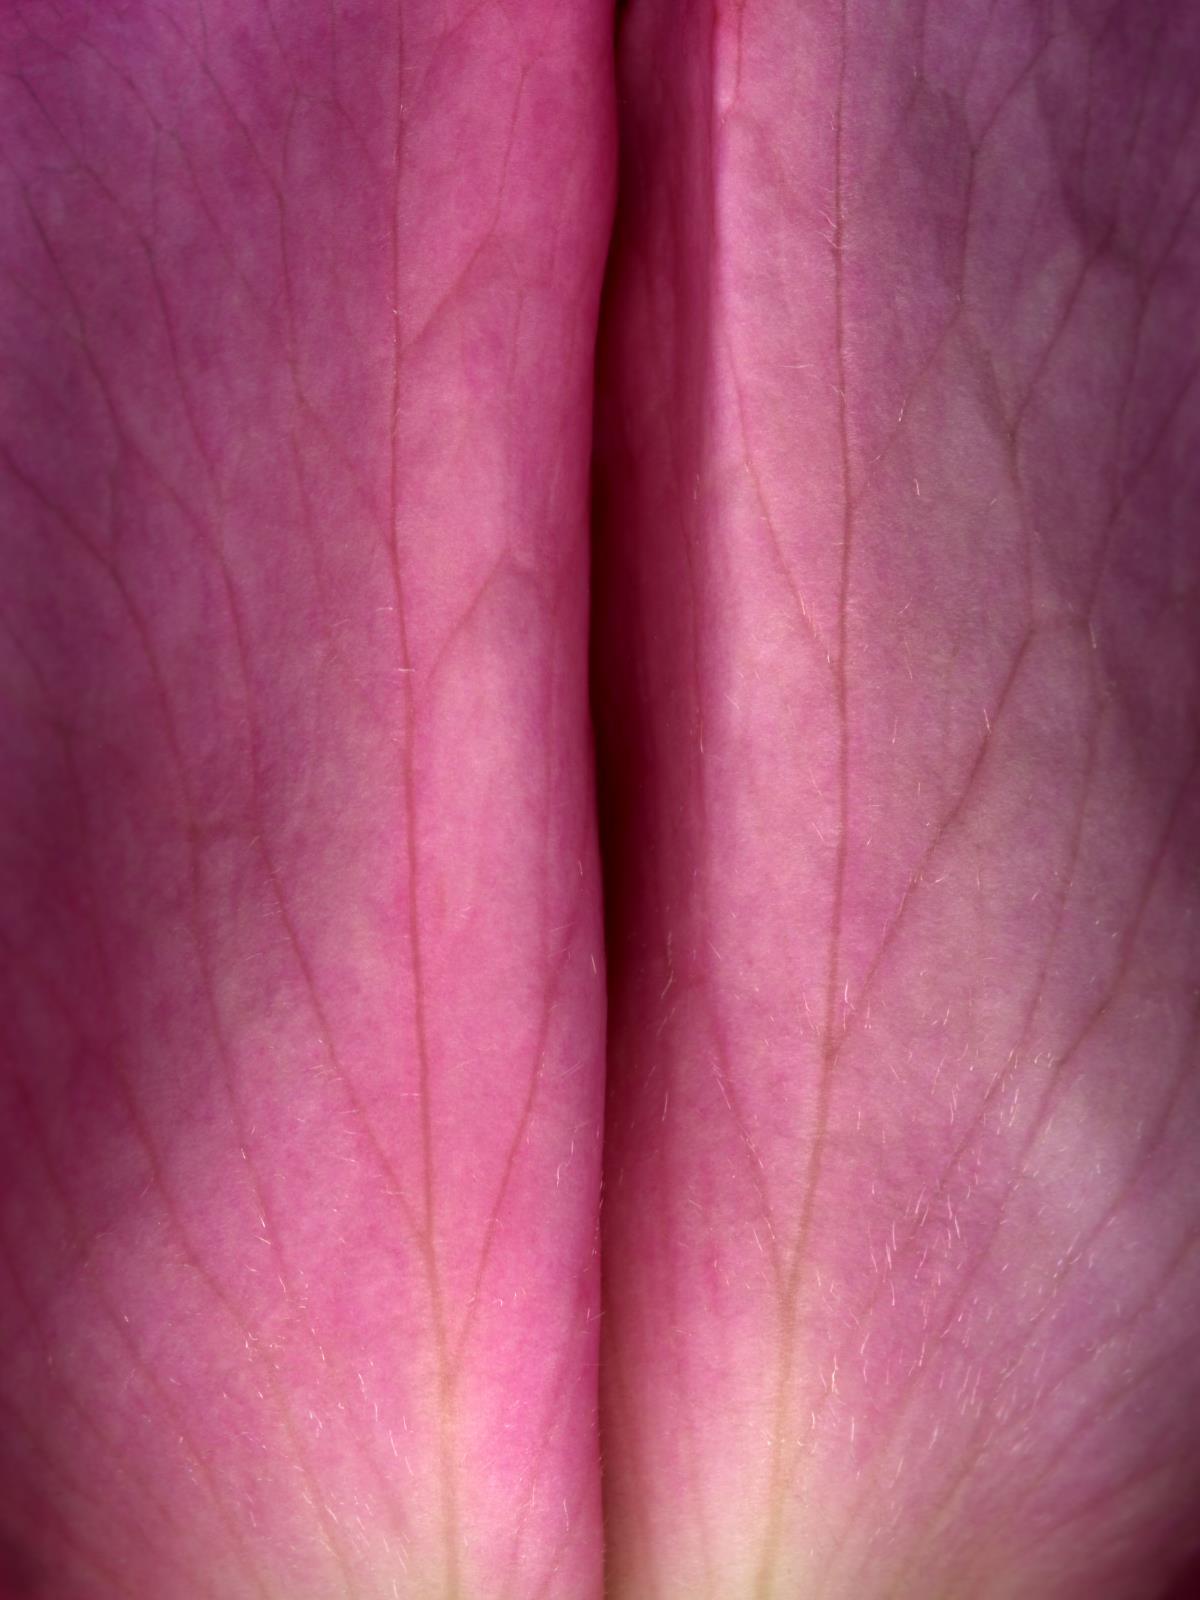 Hermann Försterling, Rose Nr. 011, 2004, Inkjet auf handbeschichtetem Bütten, 40 cm x 53 cm, (im Passepartout 70 cm x 80 cm), Auflage: 12